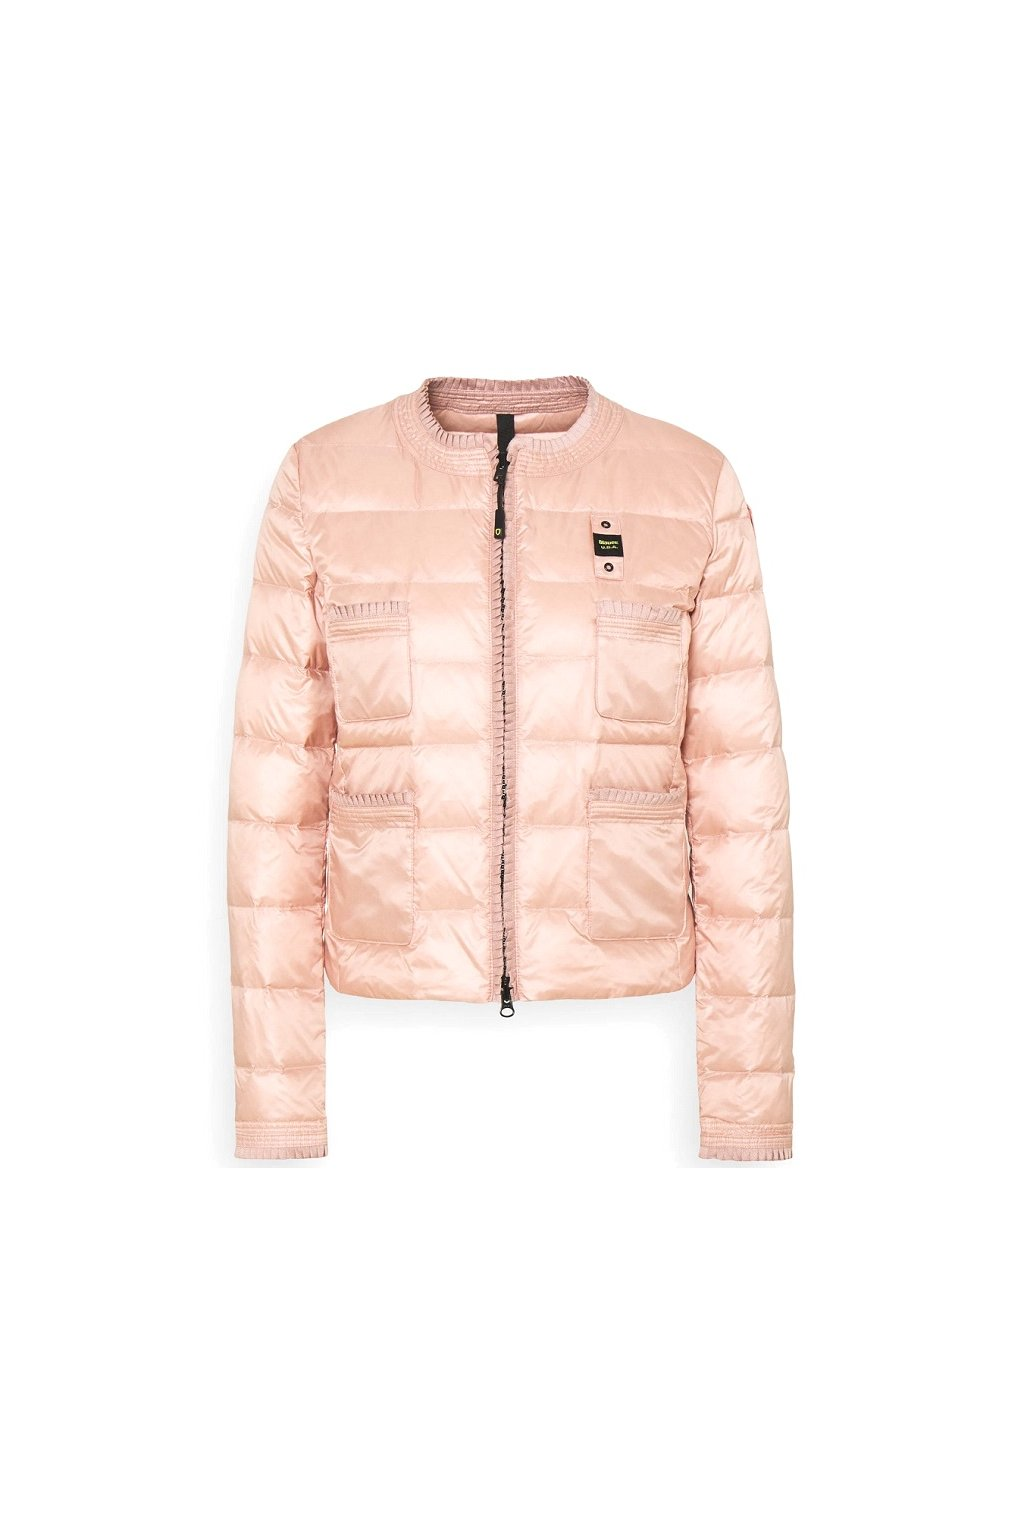 21SBLDC03024 537 Dámská péřová bunda Blauer světle růžová